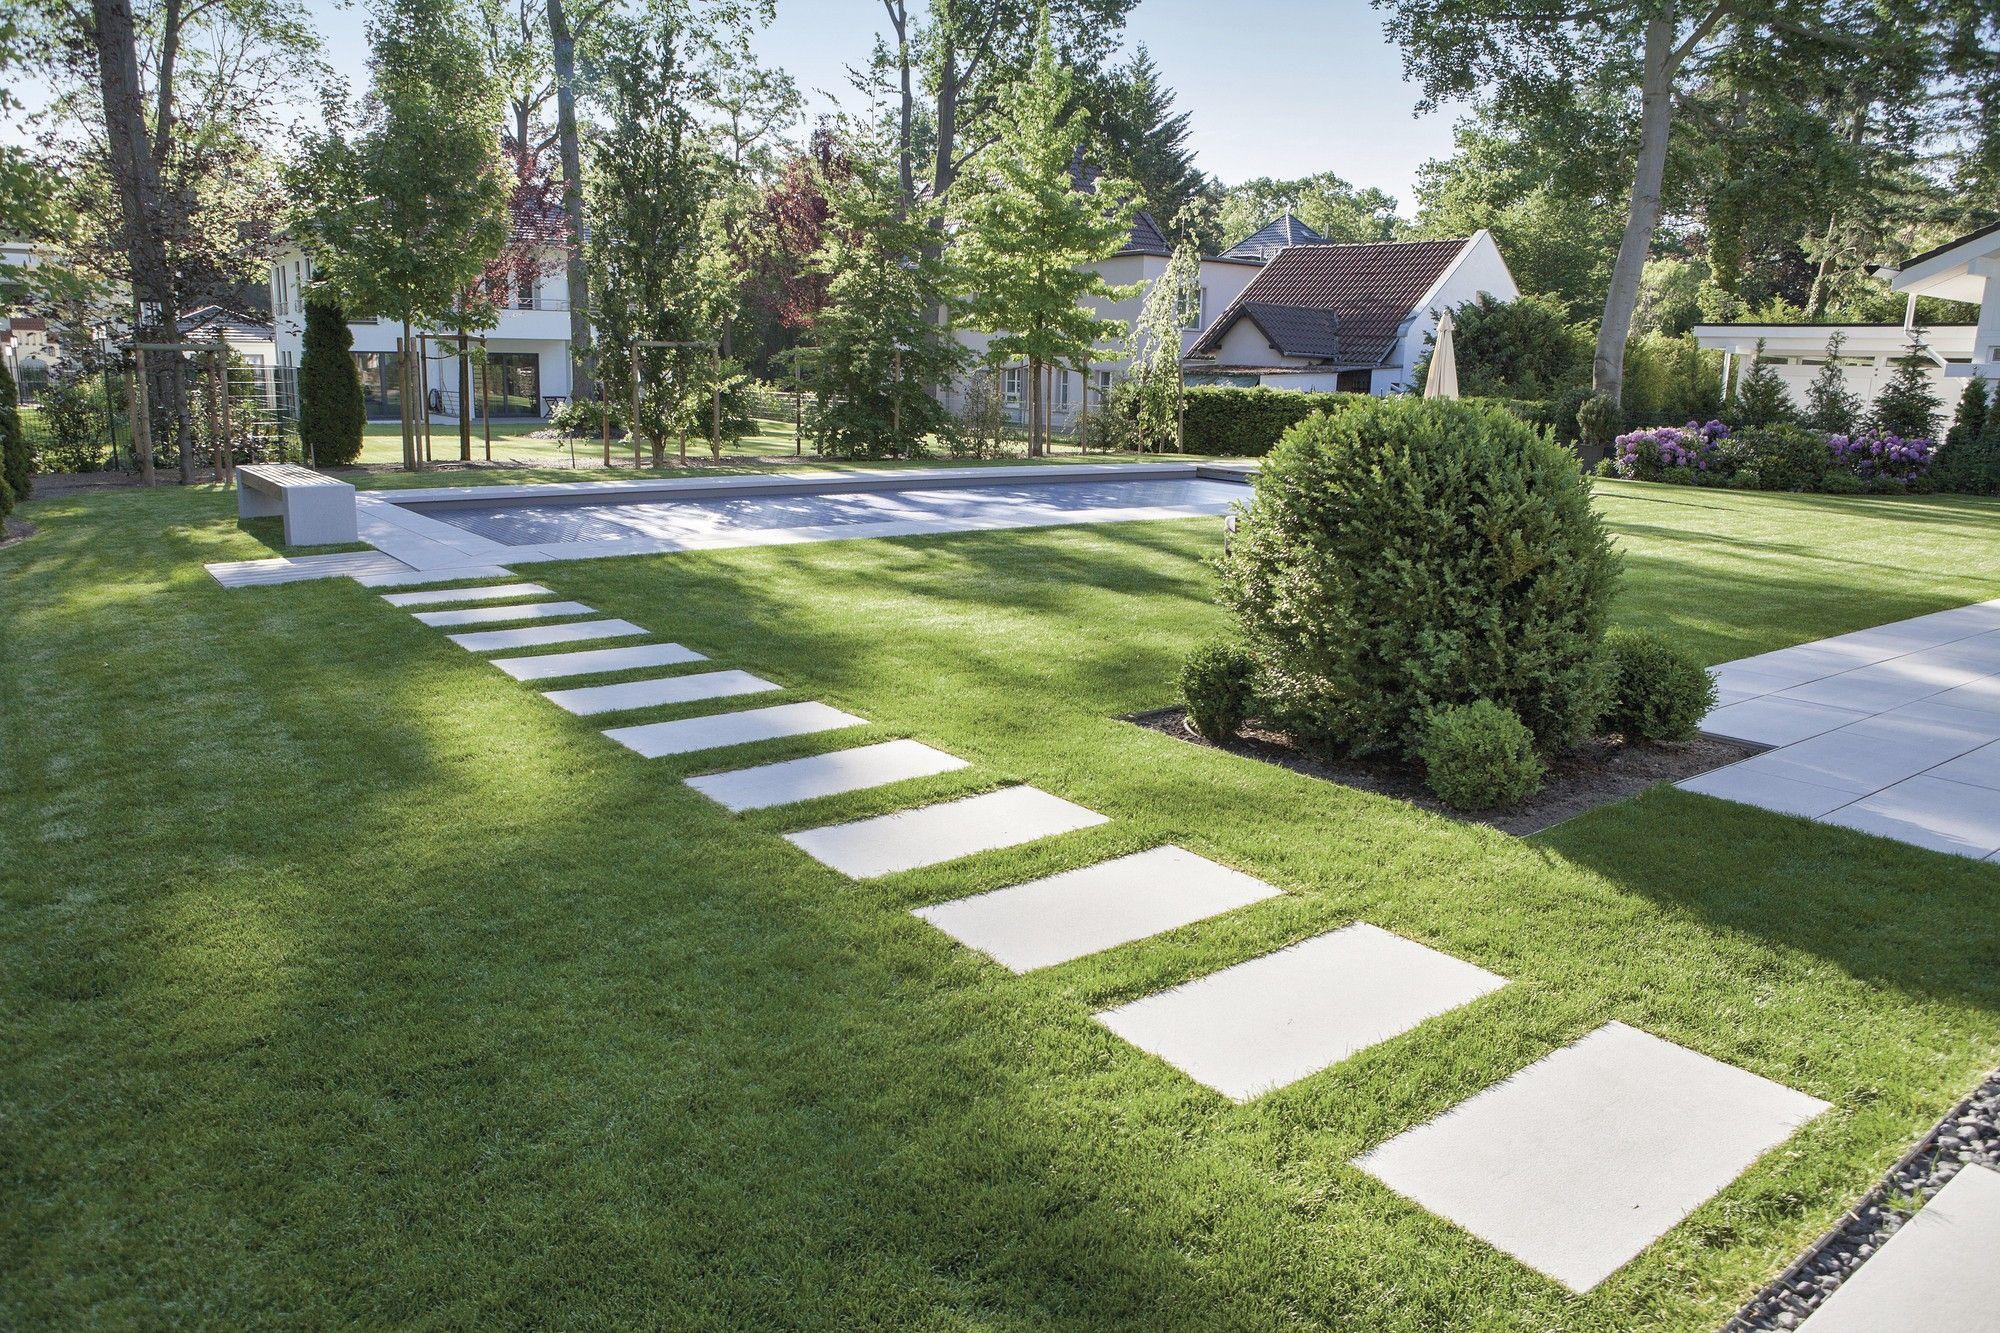 Schön Kiesgarten Anlegen Design